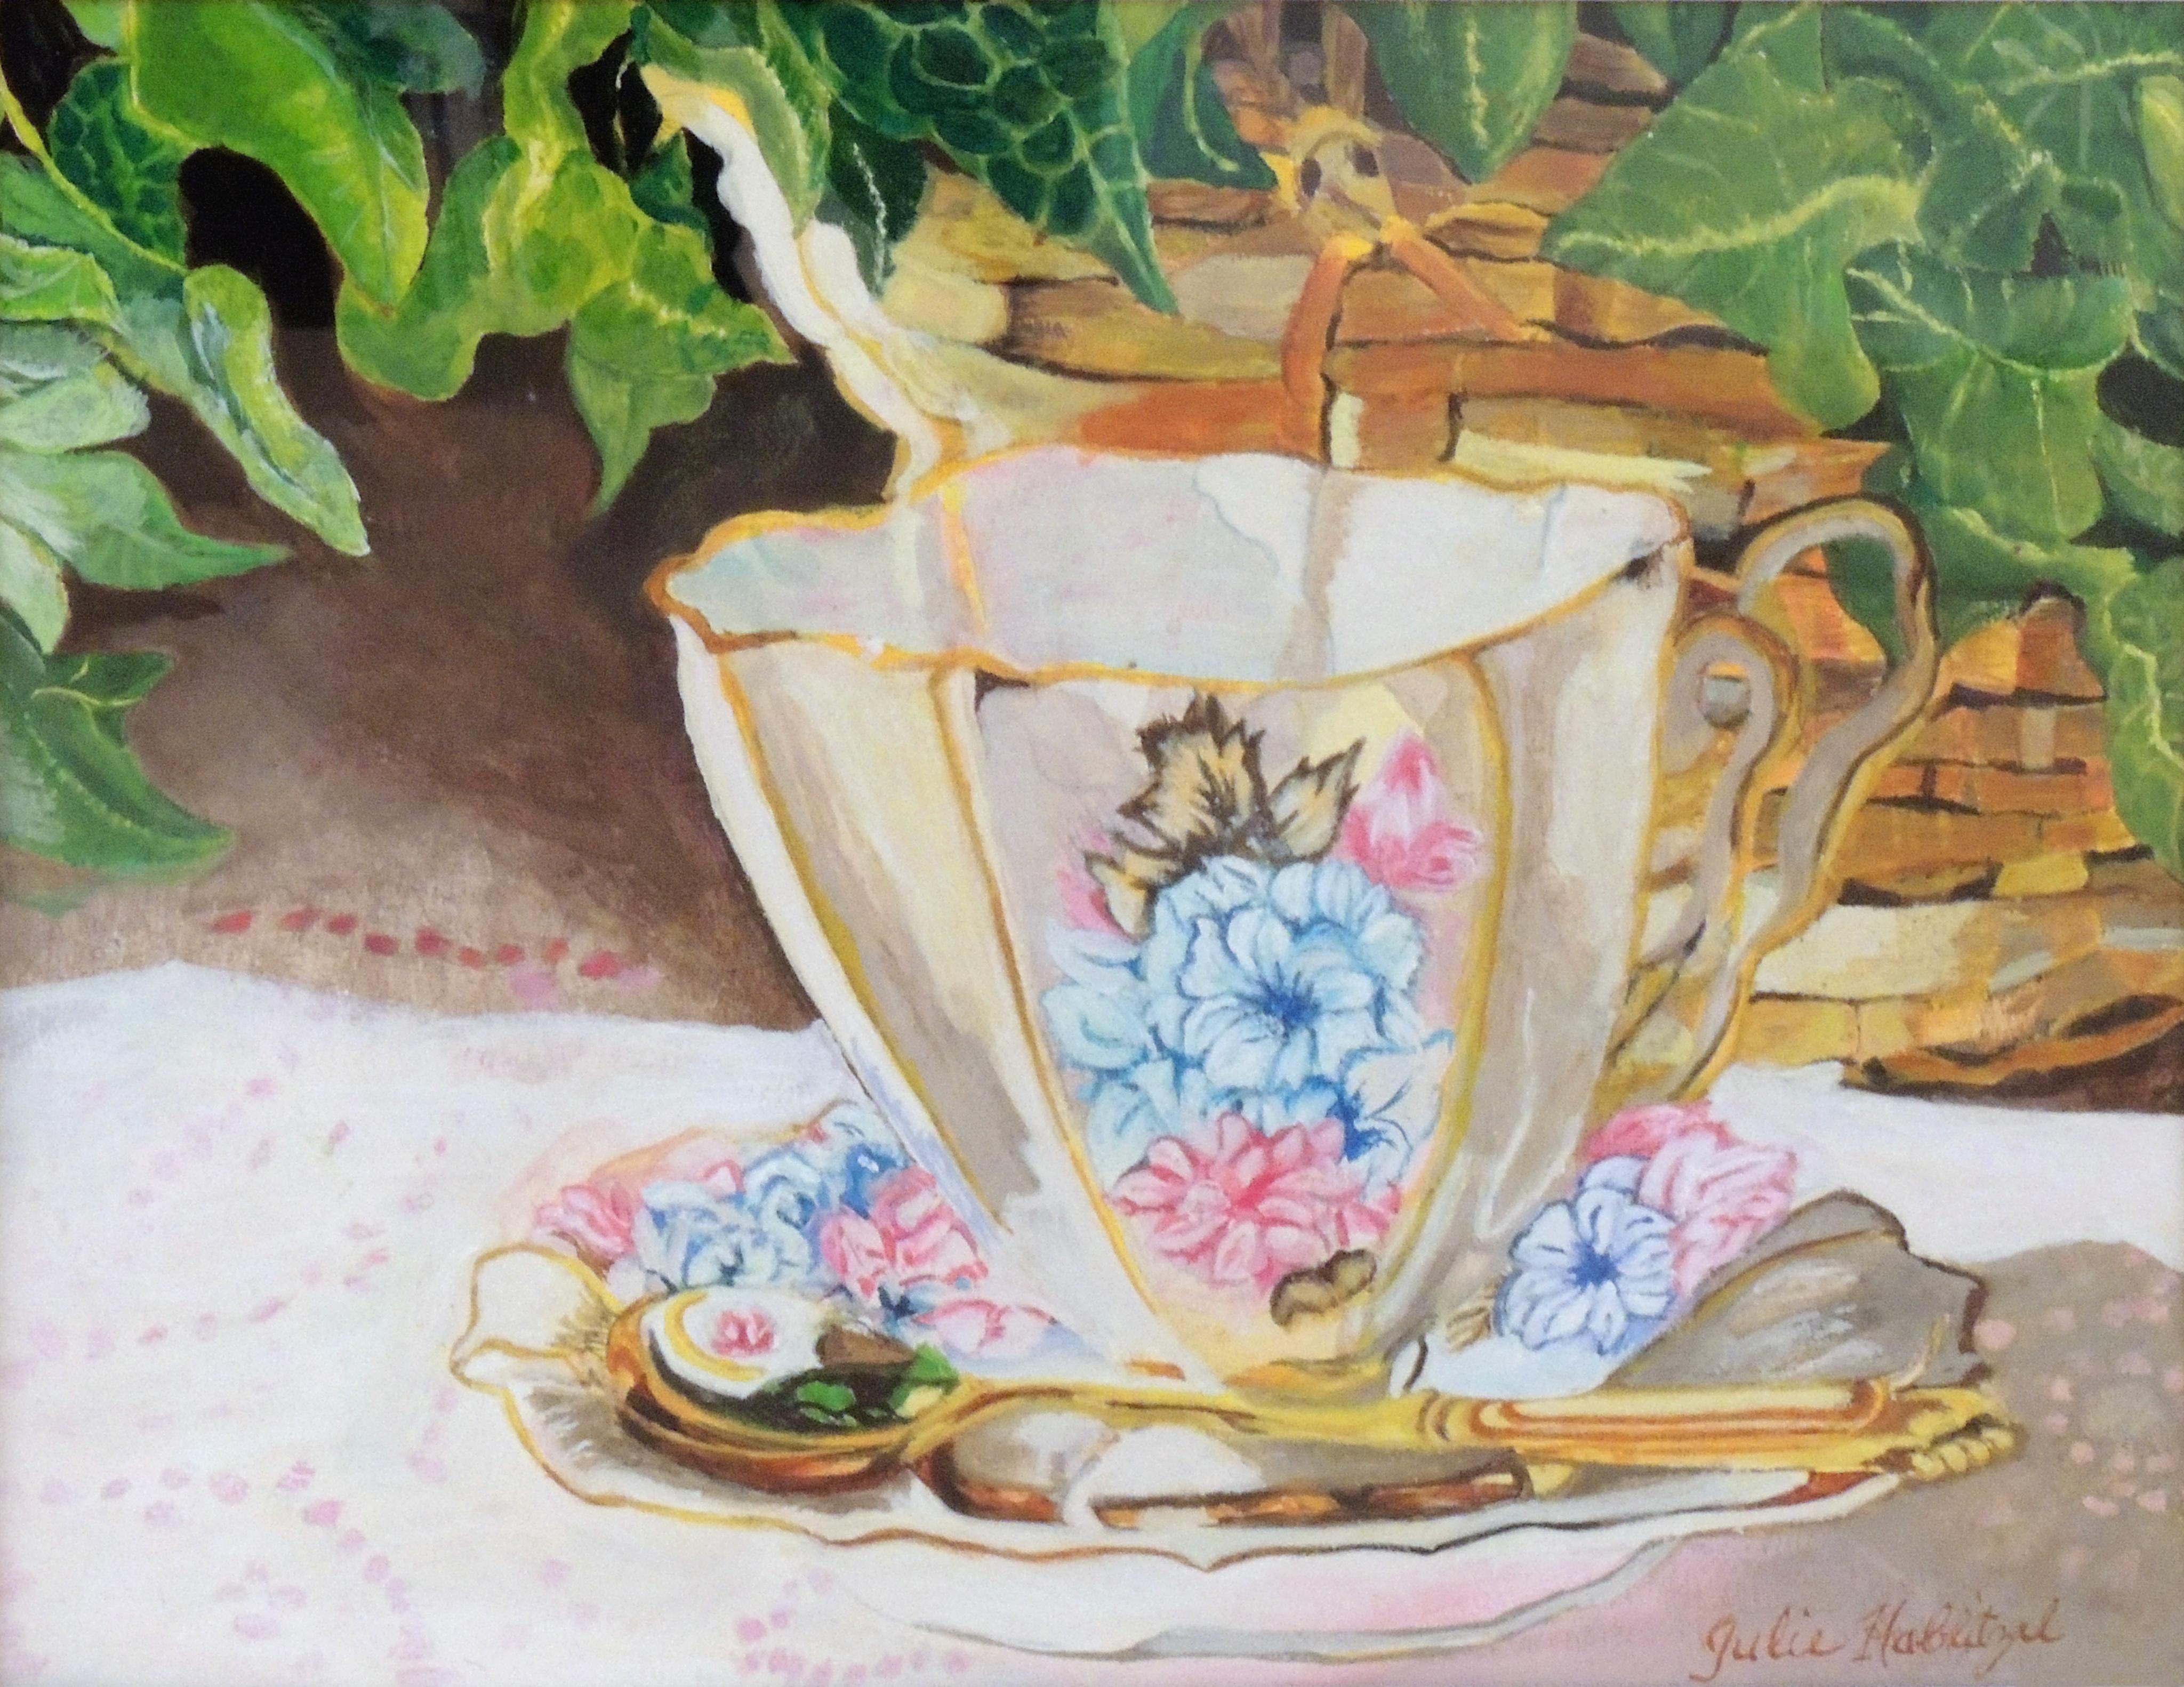 Julie D. Hablitzel | GOLDEN TEA SPOON | Watercolor